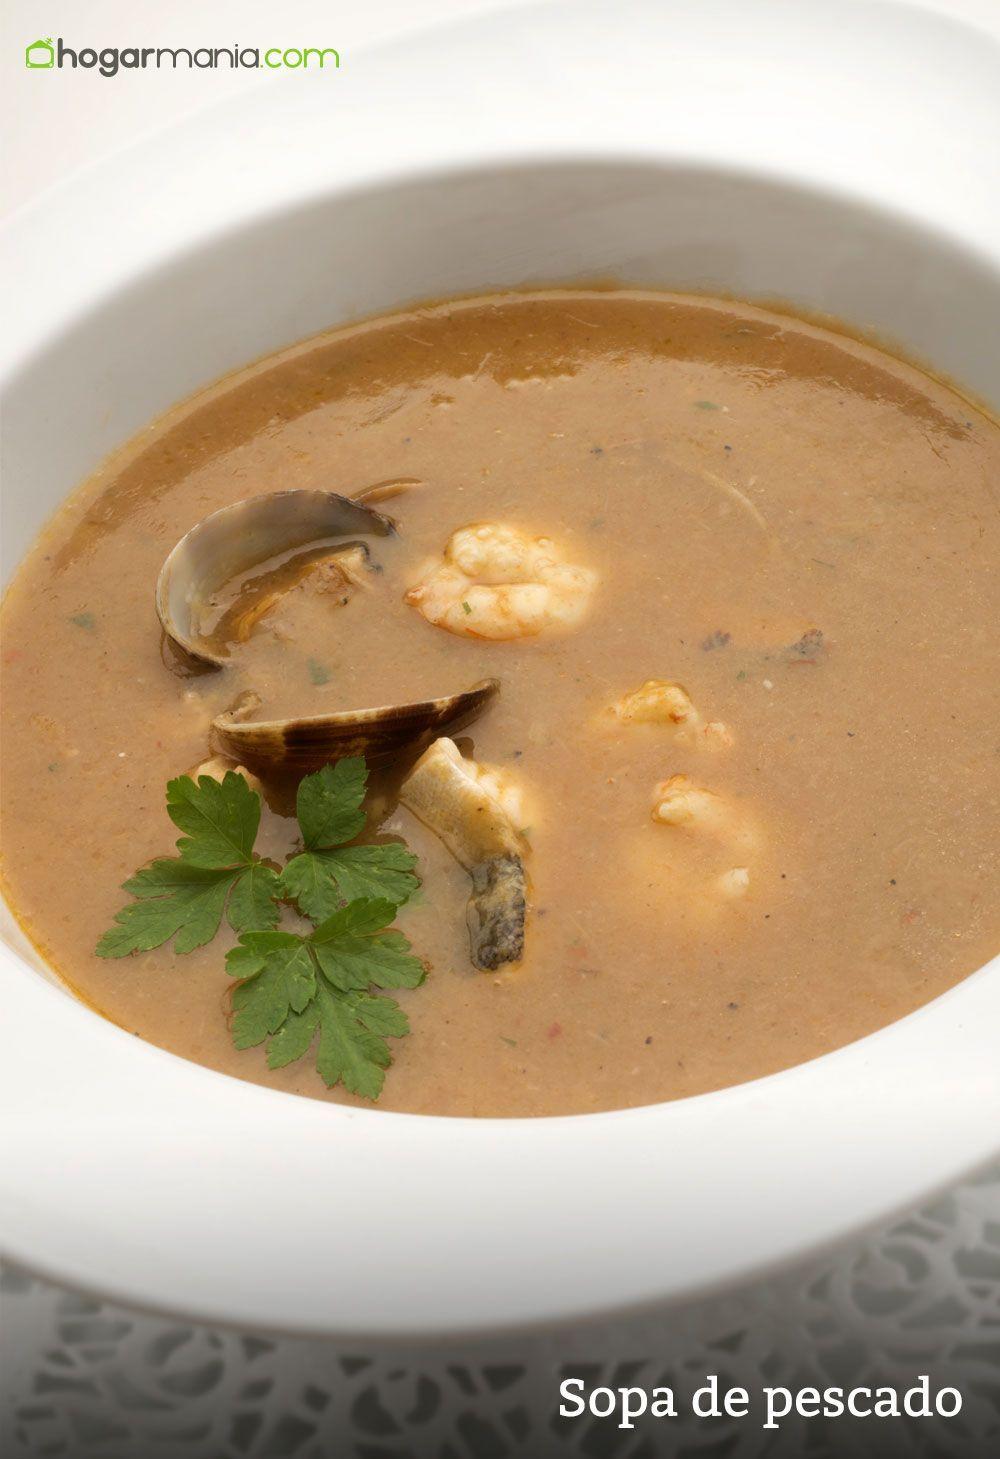 Sopa De Pescado Y Marisco De Karlos Arguiñano Receta Recetas De Sopa Recetas De Sopa De Pescado Pescados Y Mariscos